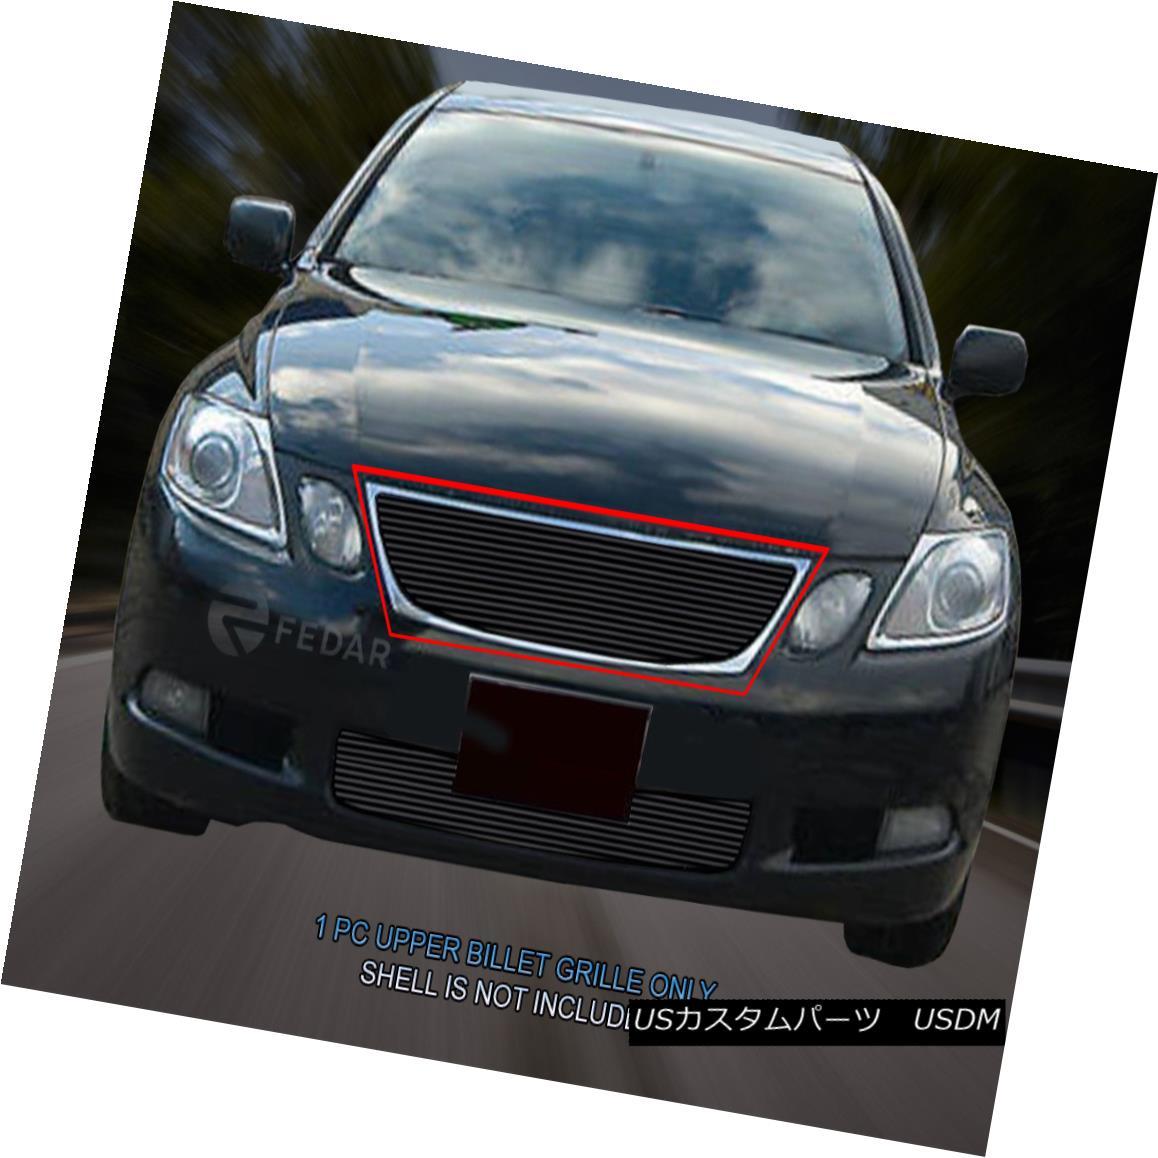 グリル Fedar Fits 05-07 Lexus GS 300/GS350/450H/GS430 Black Billet Grille Overlay Feder Fits 05-07 Lexus GS 300 / GS350 / 450H / GS430ブラックビレットグリルオーバーレイ